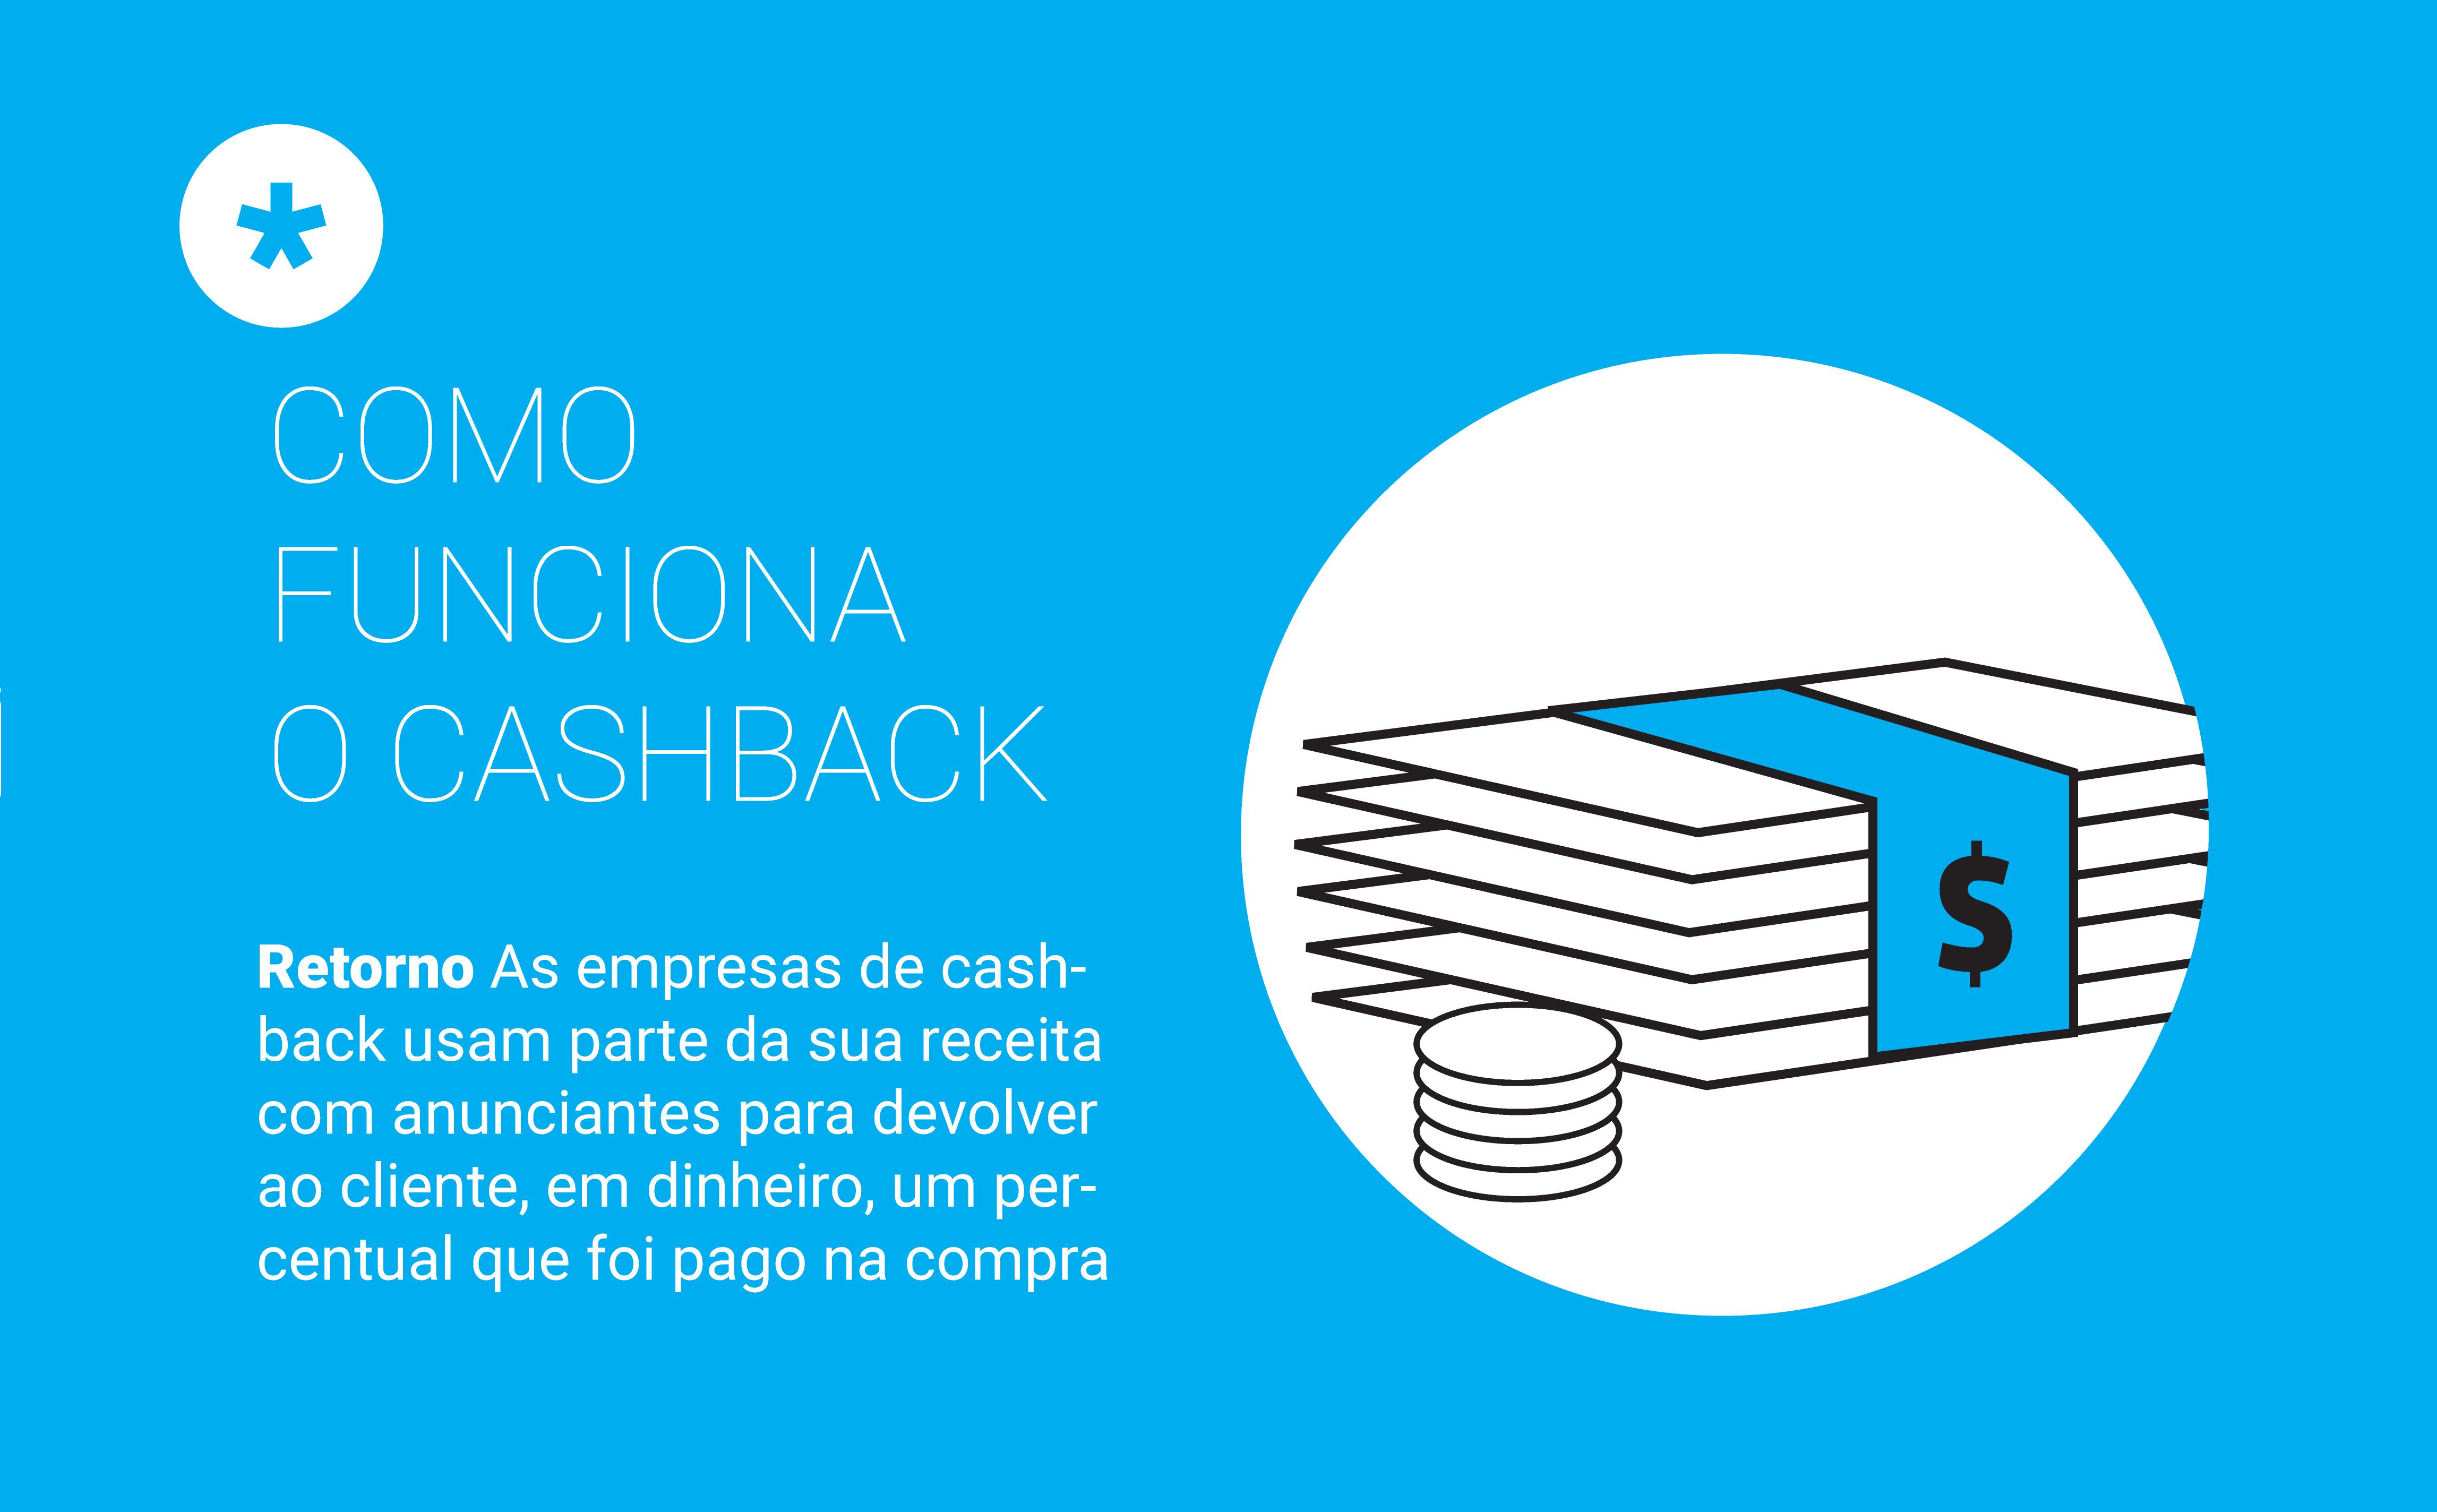 Oito sites que prometem devolver parte do seu dinheiro de volta ... abc09b0e436